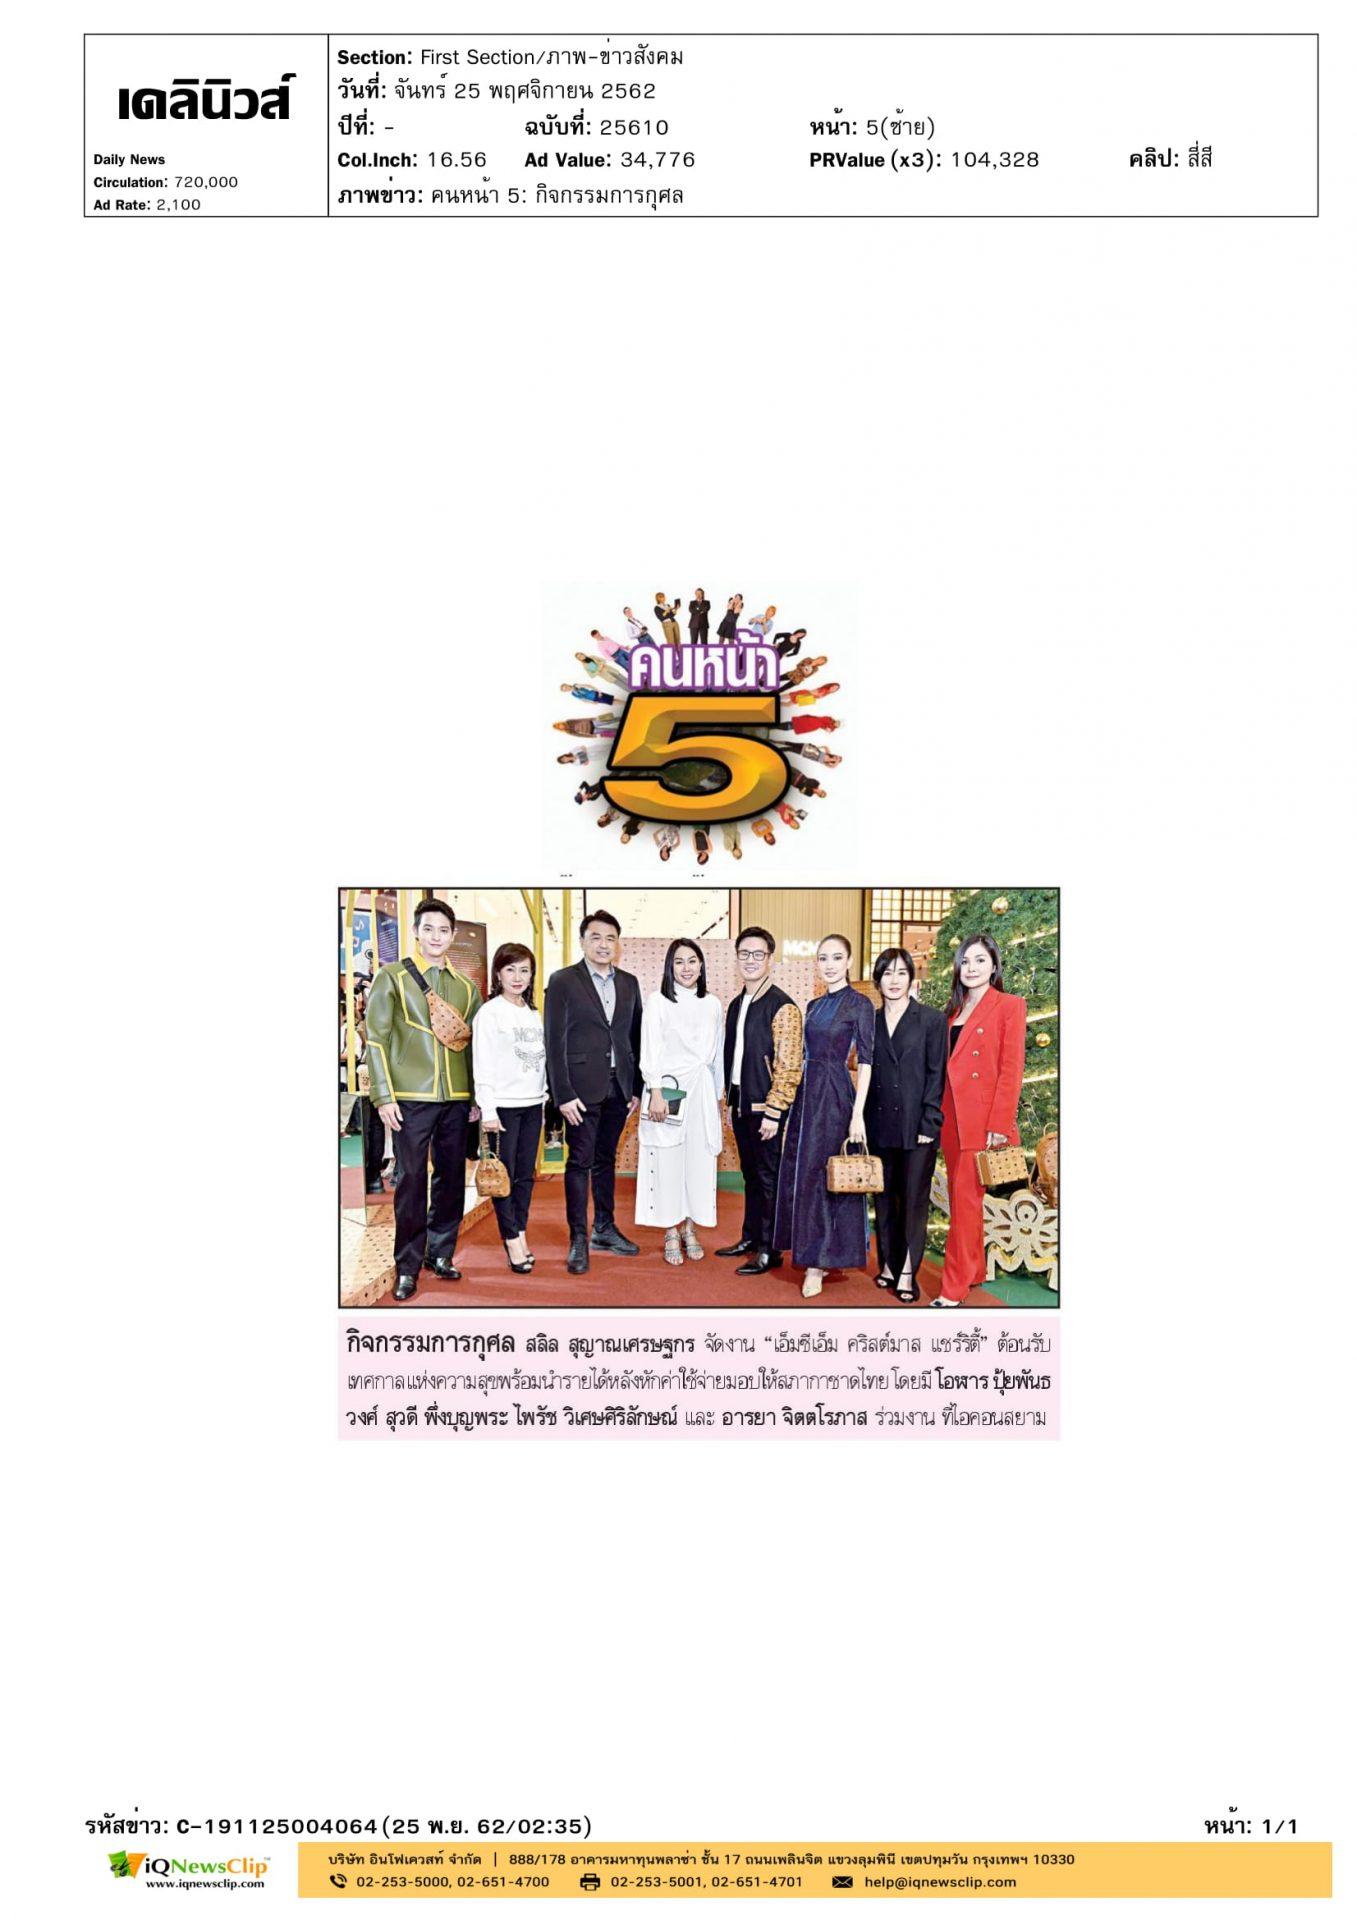 โครงการเพื่อการกุศลแบรนด์ MCM ประเทศไทย